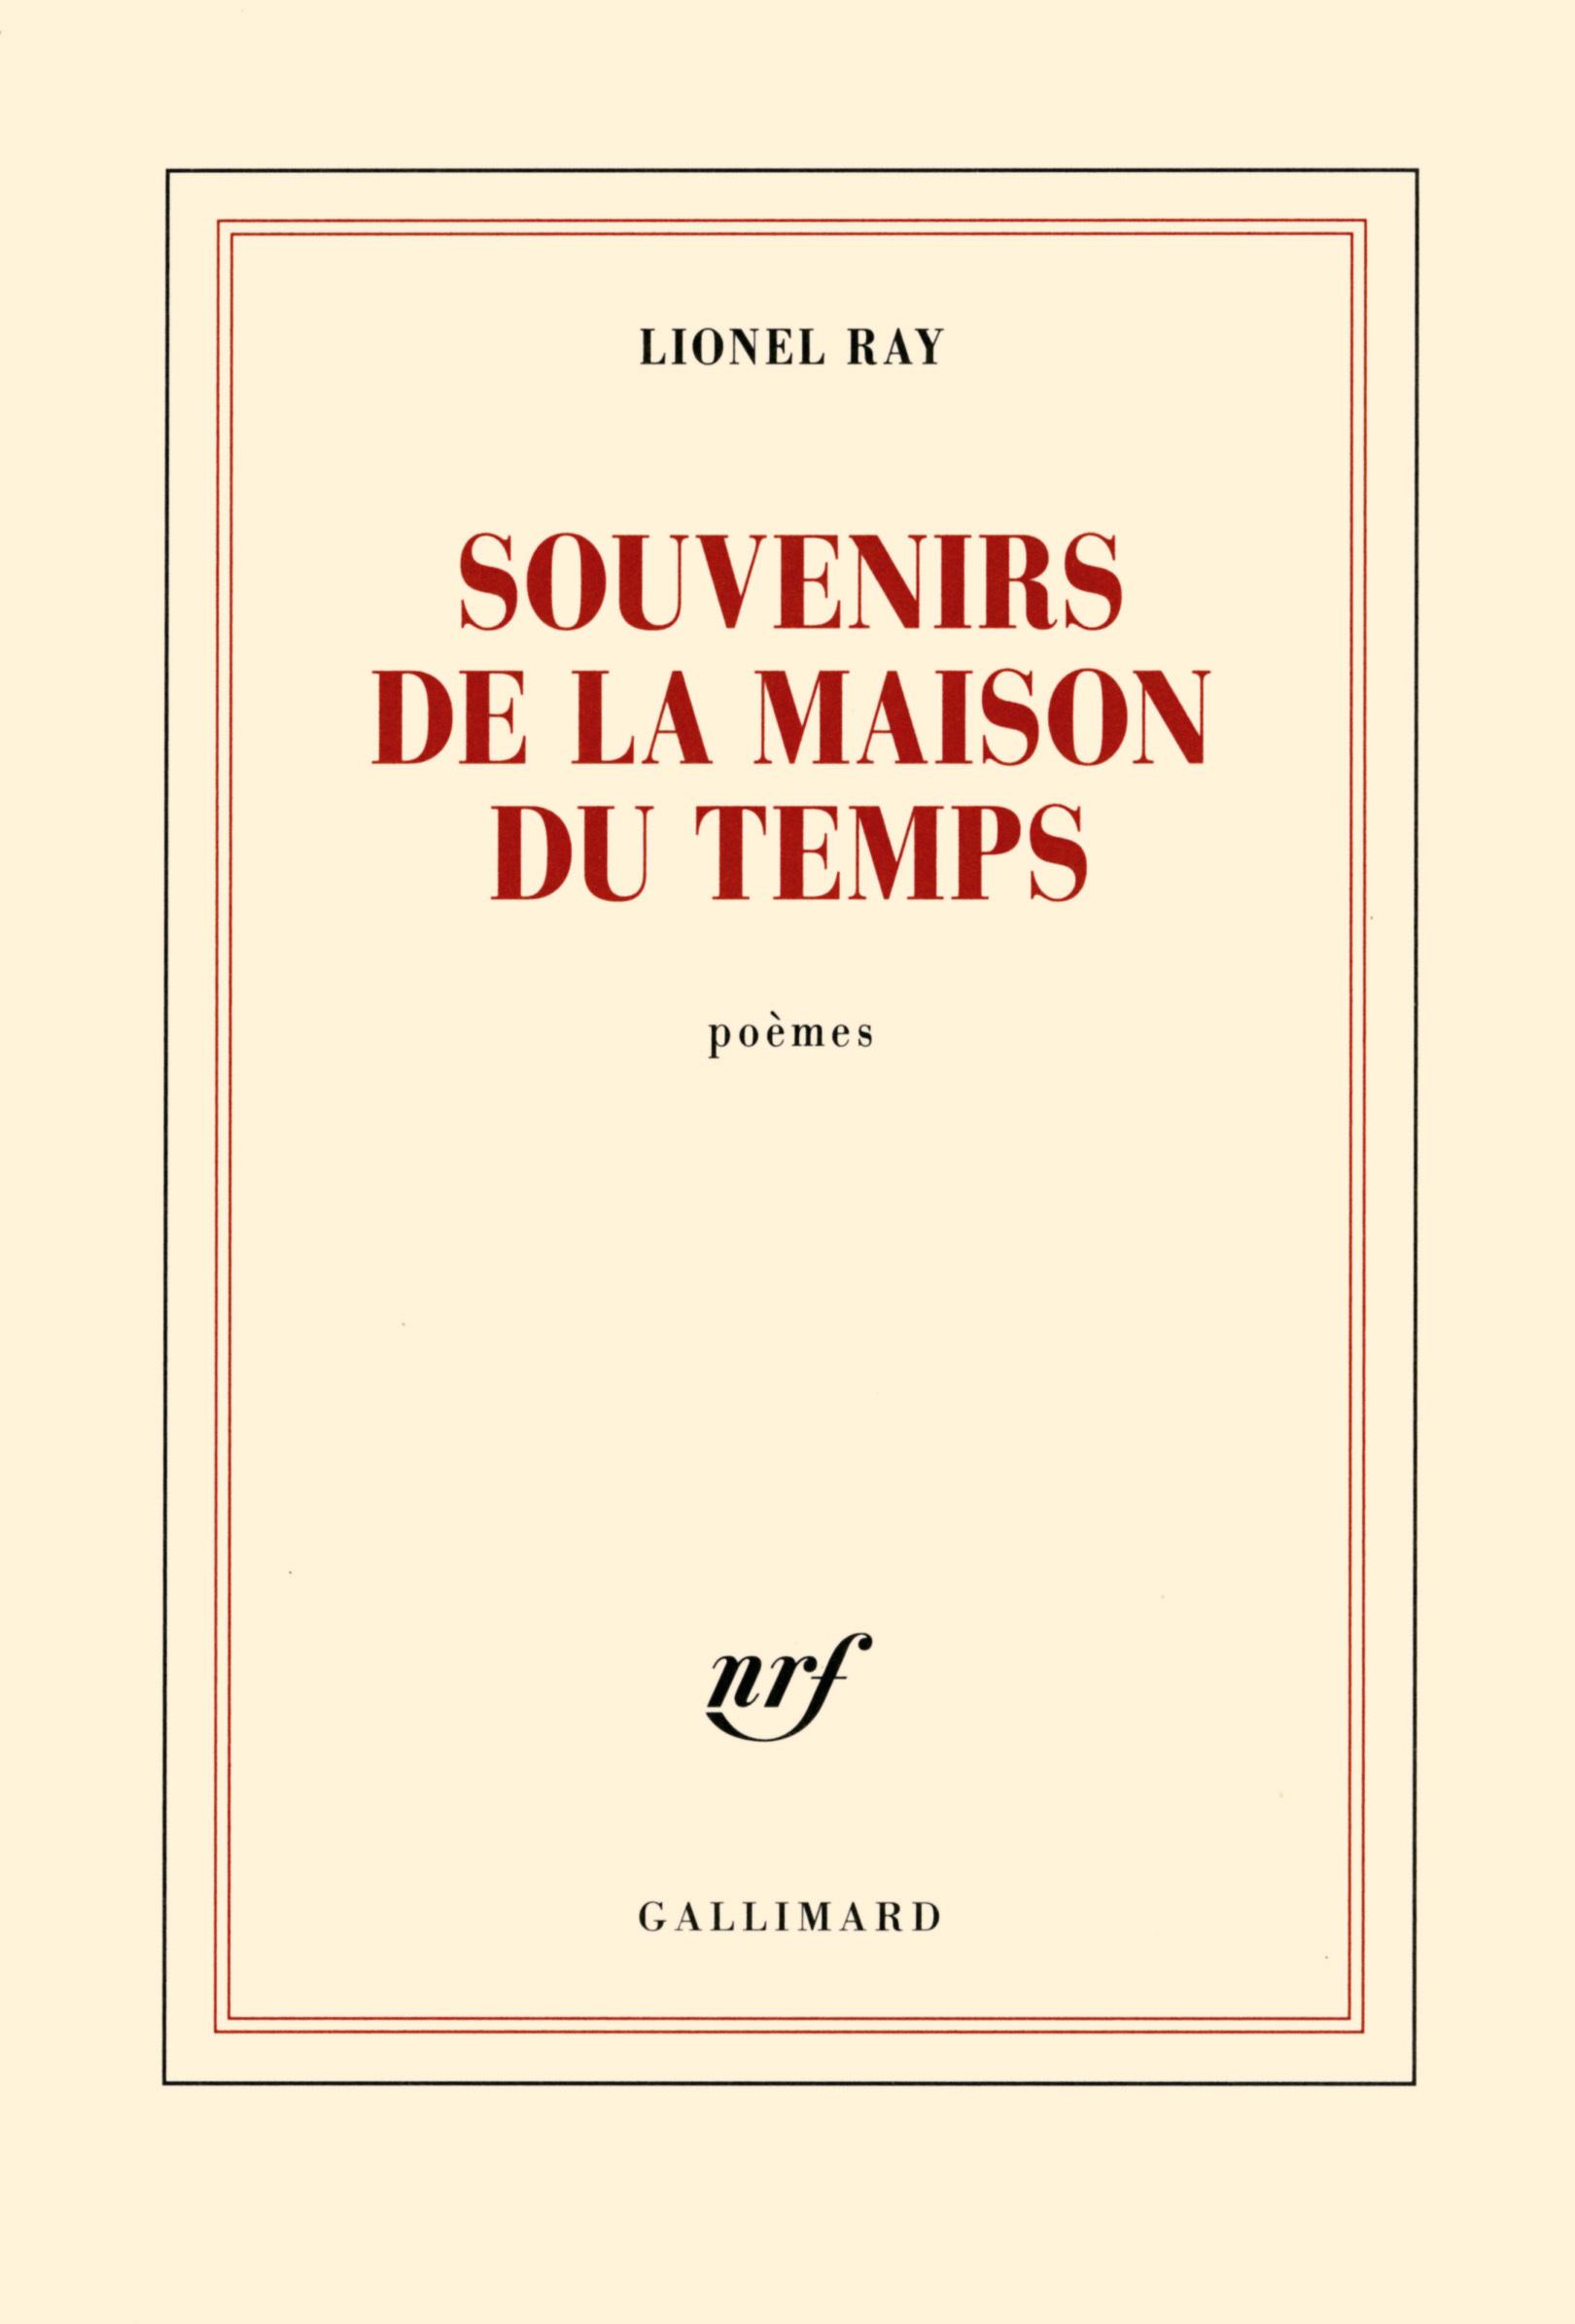 SOUVENIRS DE LA MAISON DU TEMPS